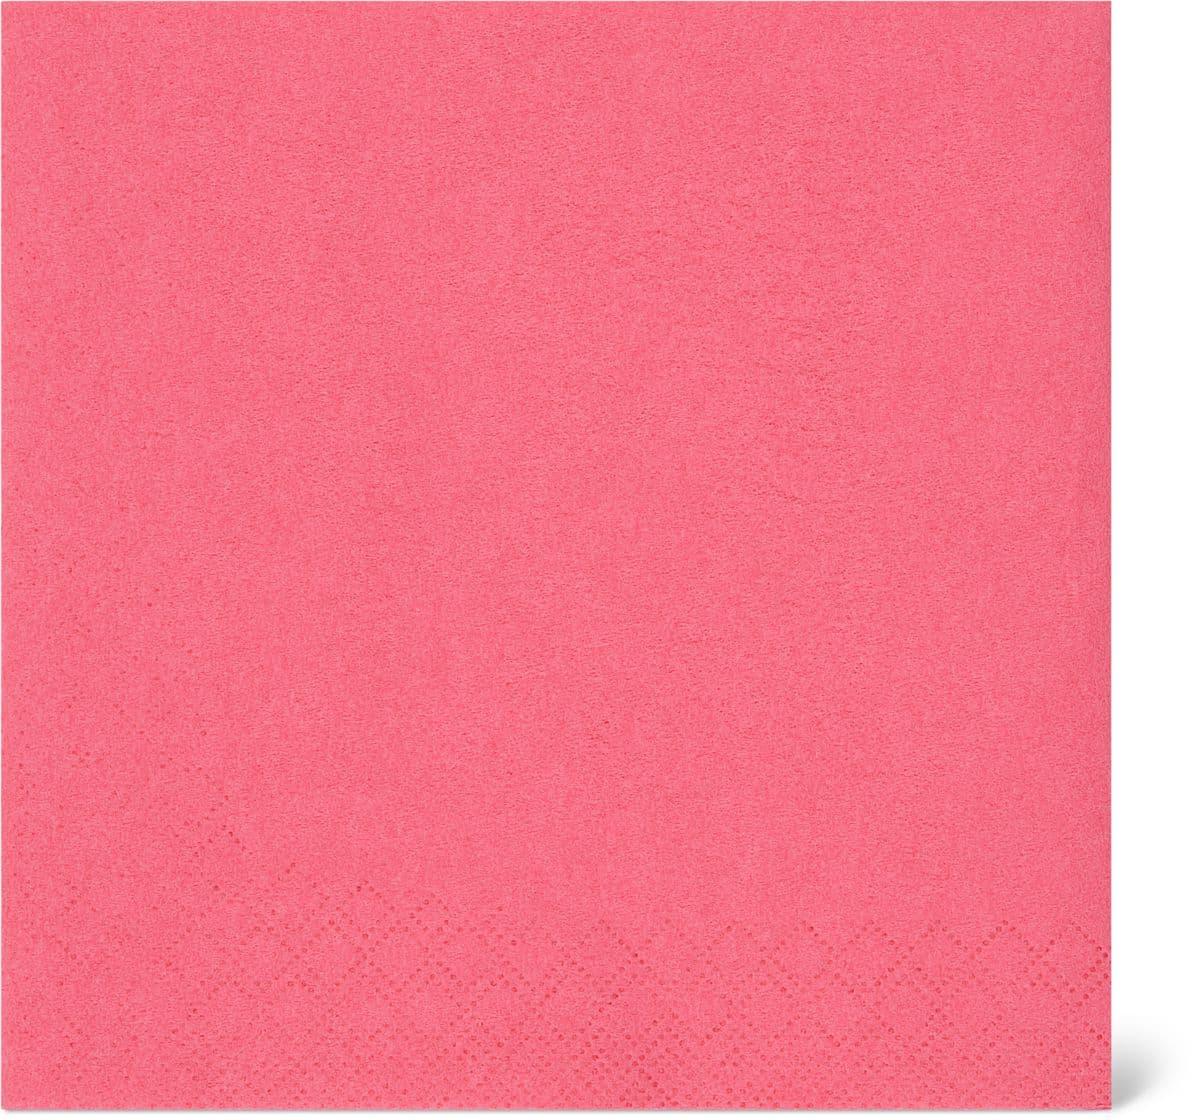 Cucina & Tavola Tovaglioli di carta, 33 x 33 cm